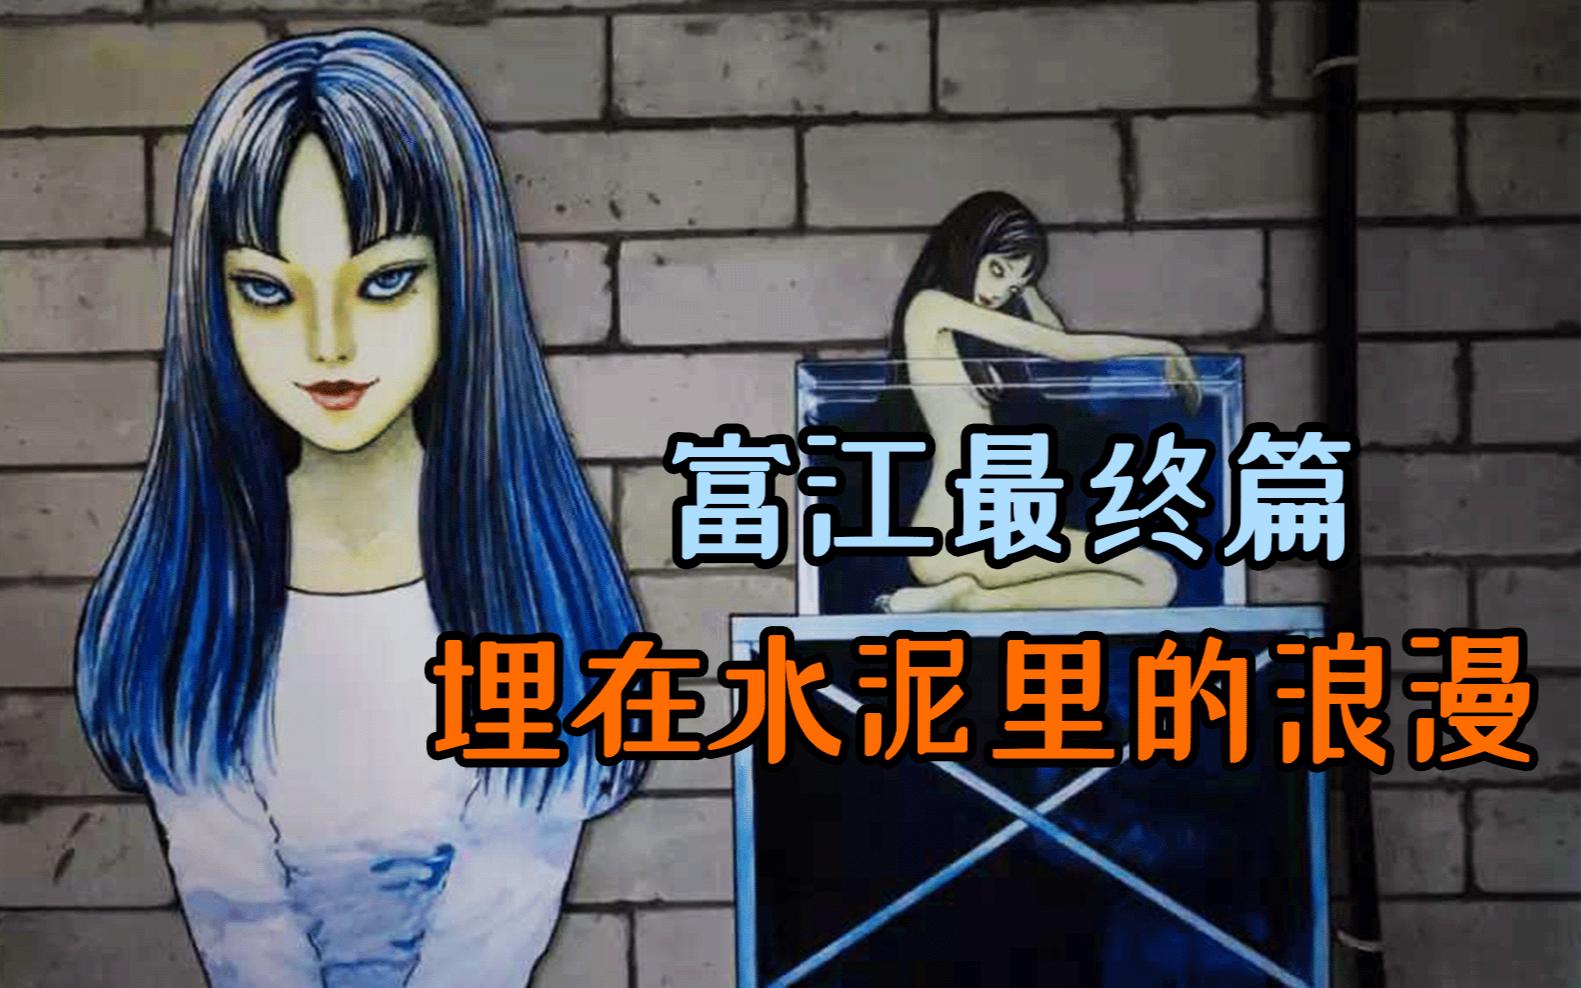 【森崎漫画屋】埋在水泥里的浪漫 富江最终章-伊藤润二经典作品